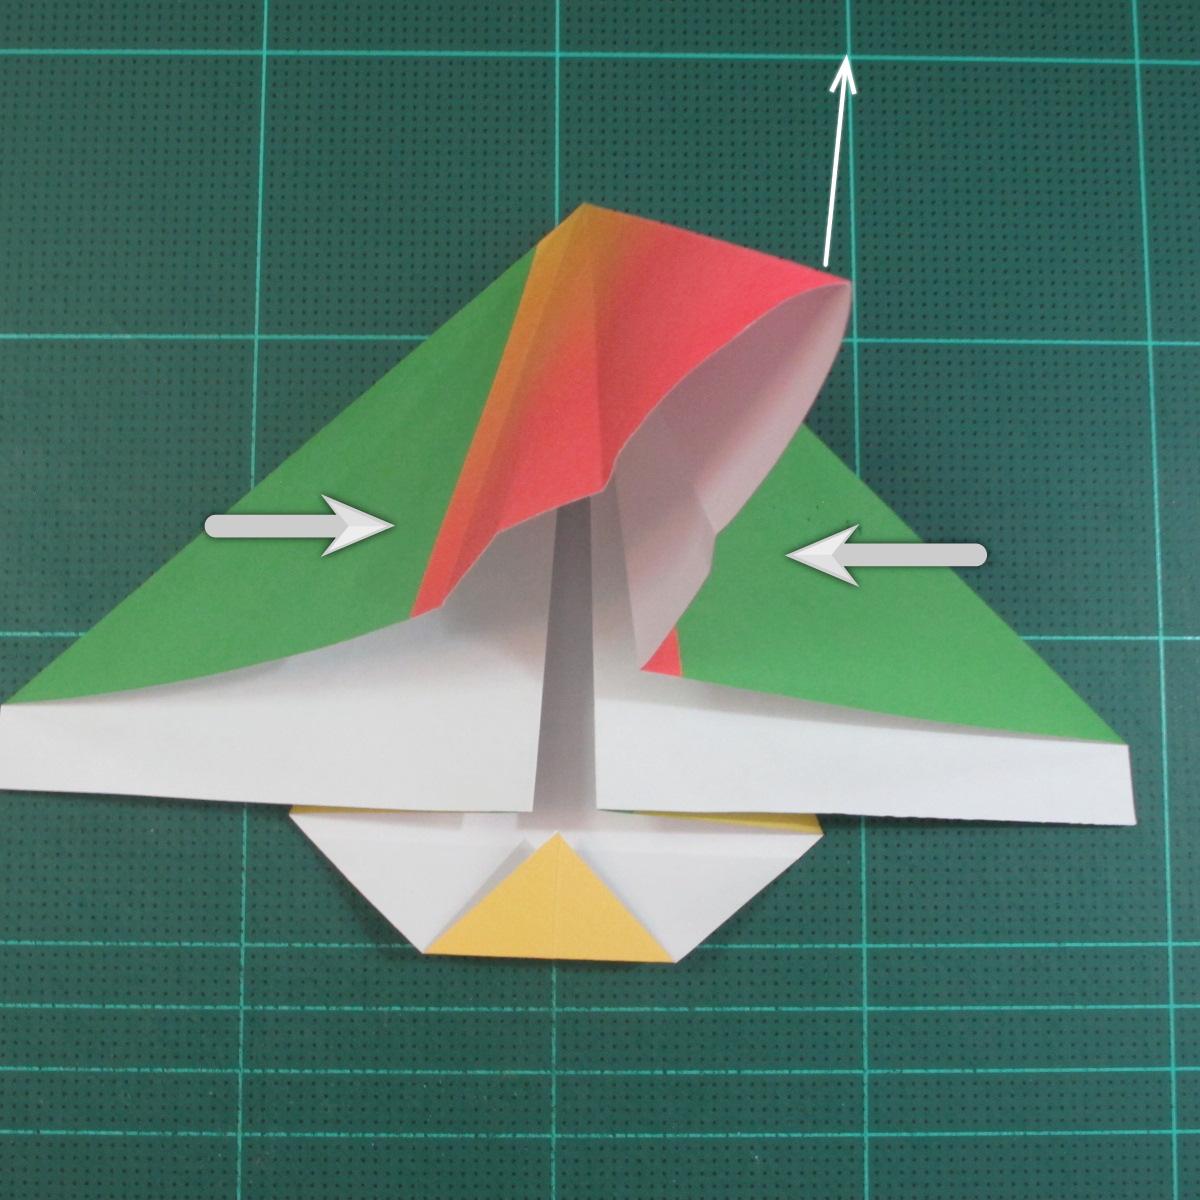 วิธีพับกระดาษเป็นรูปนกแก้ว (Origami Parrot) 011